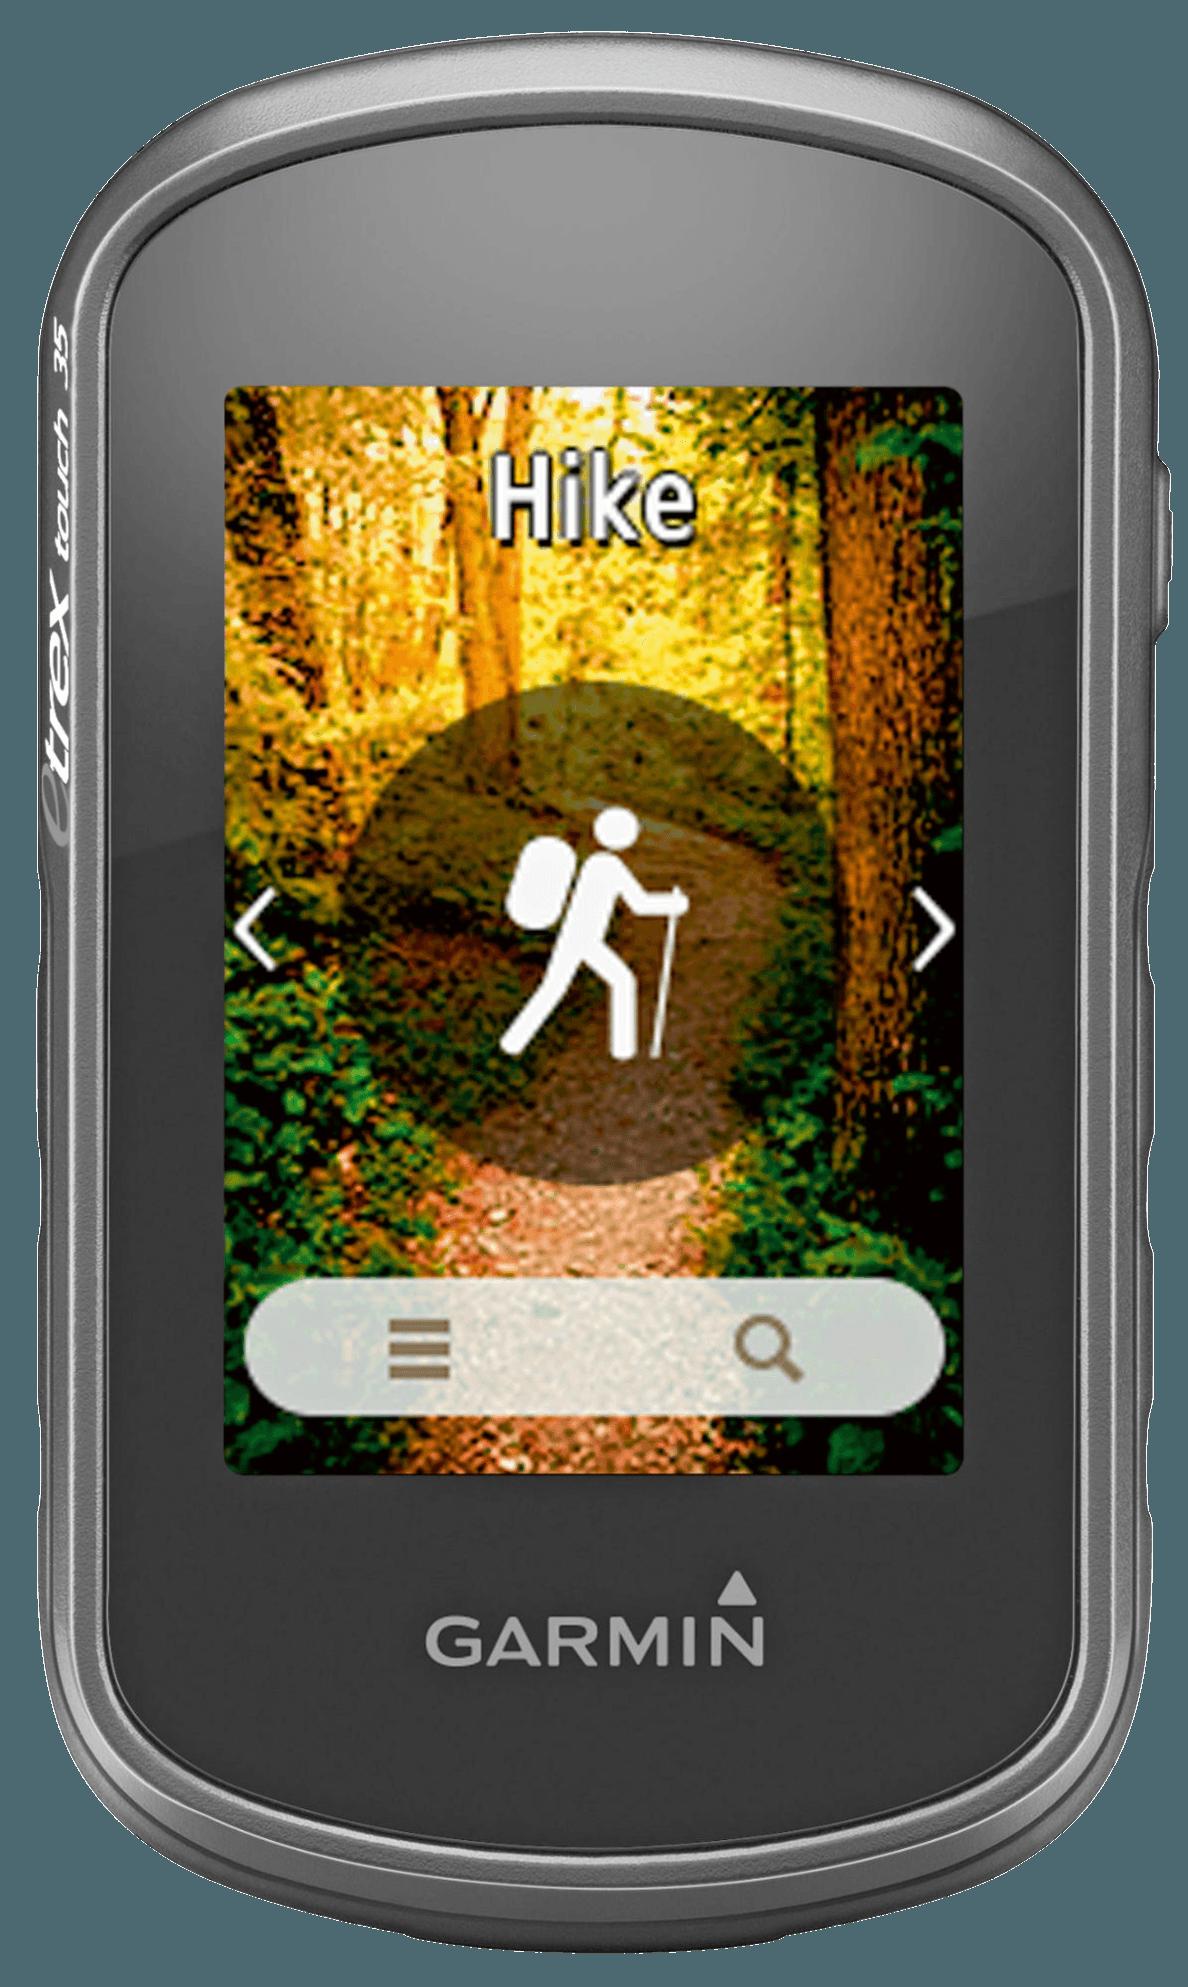 Garmin Etrex Touch 35 Inkl Topoactive Europ Outdoor Navigationssystem 00753759134198 Der Etrex Touch 35 Ist Das Neue Familien Na Outdoor Aktivitaten Familie Ist Und Unterwegs